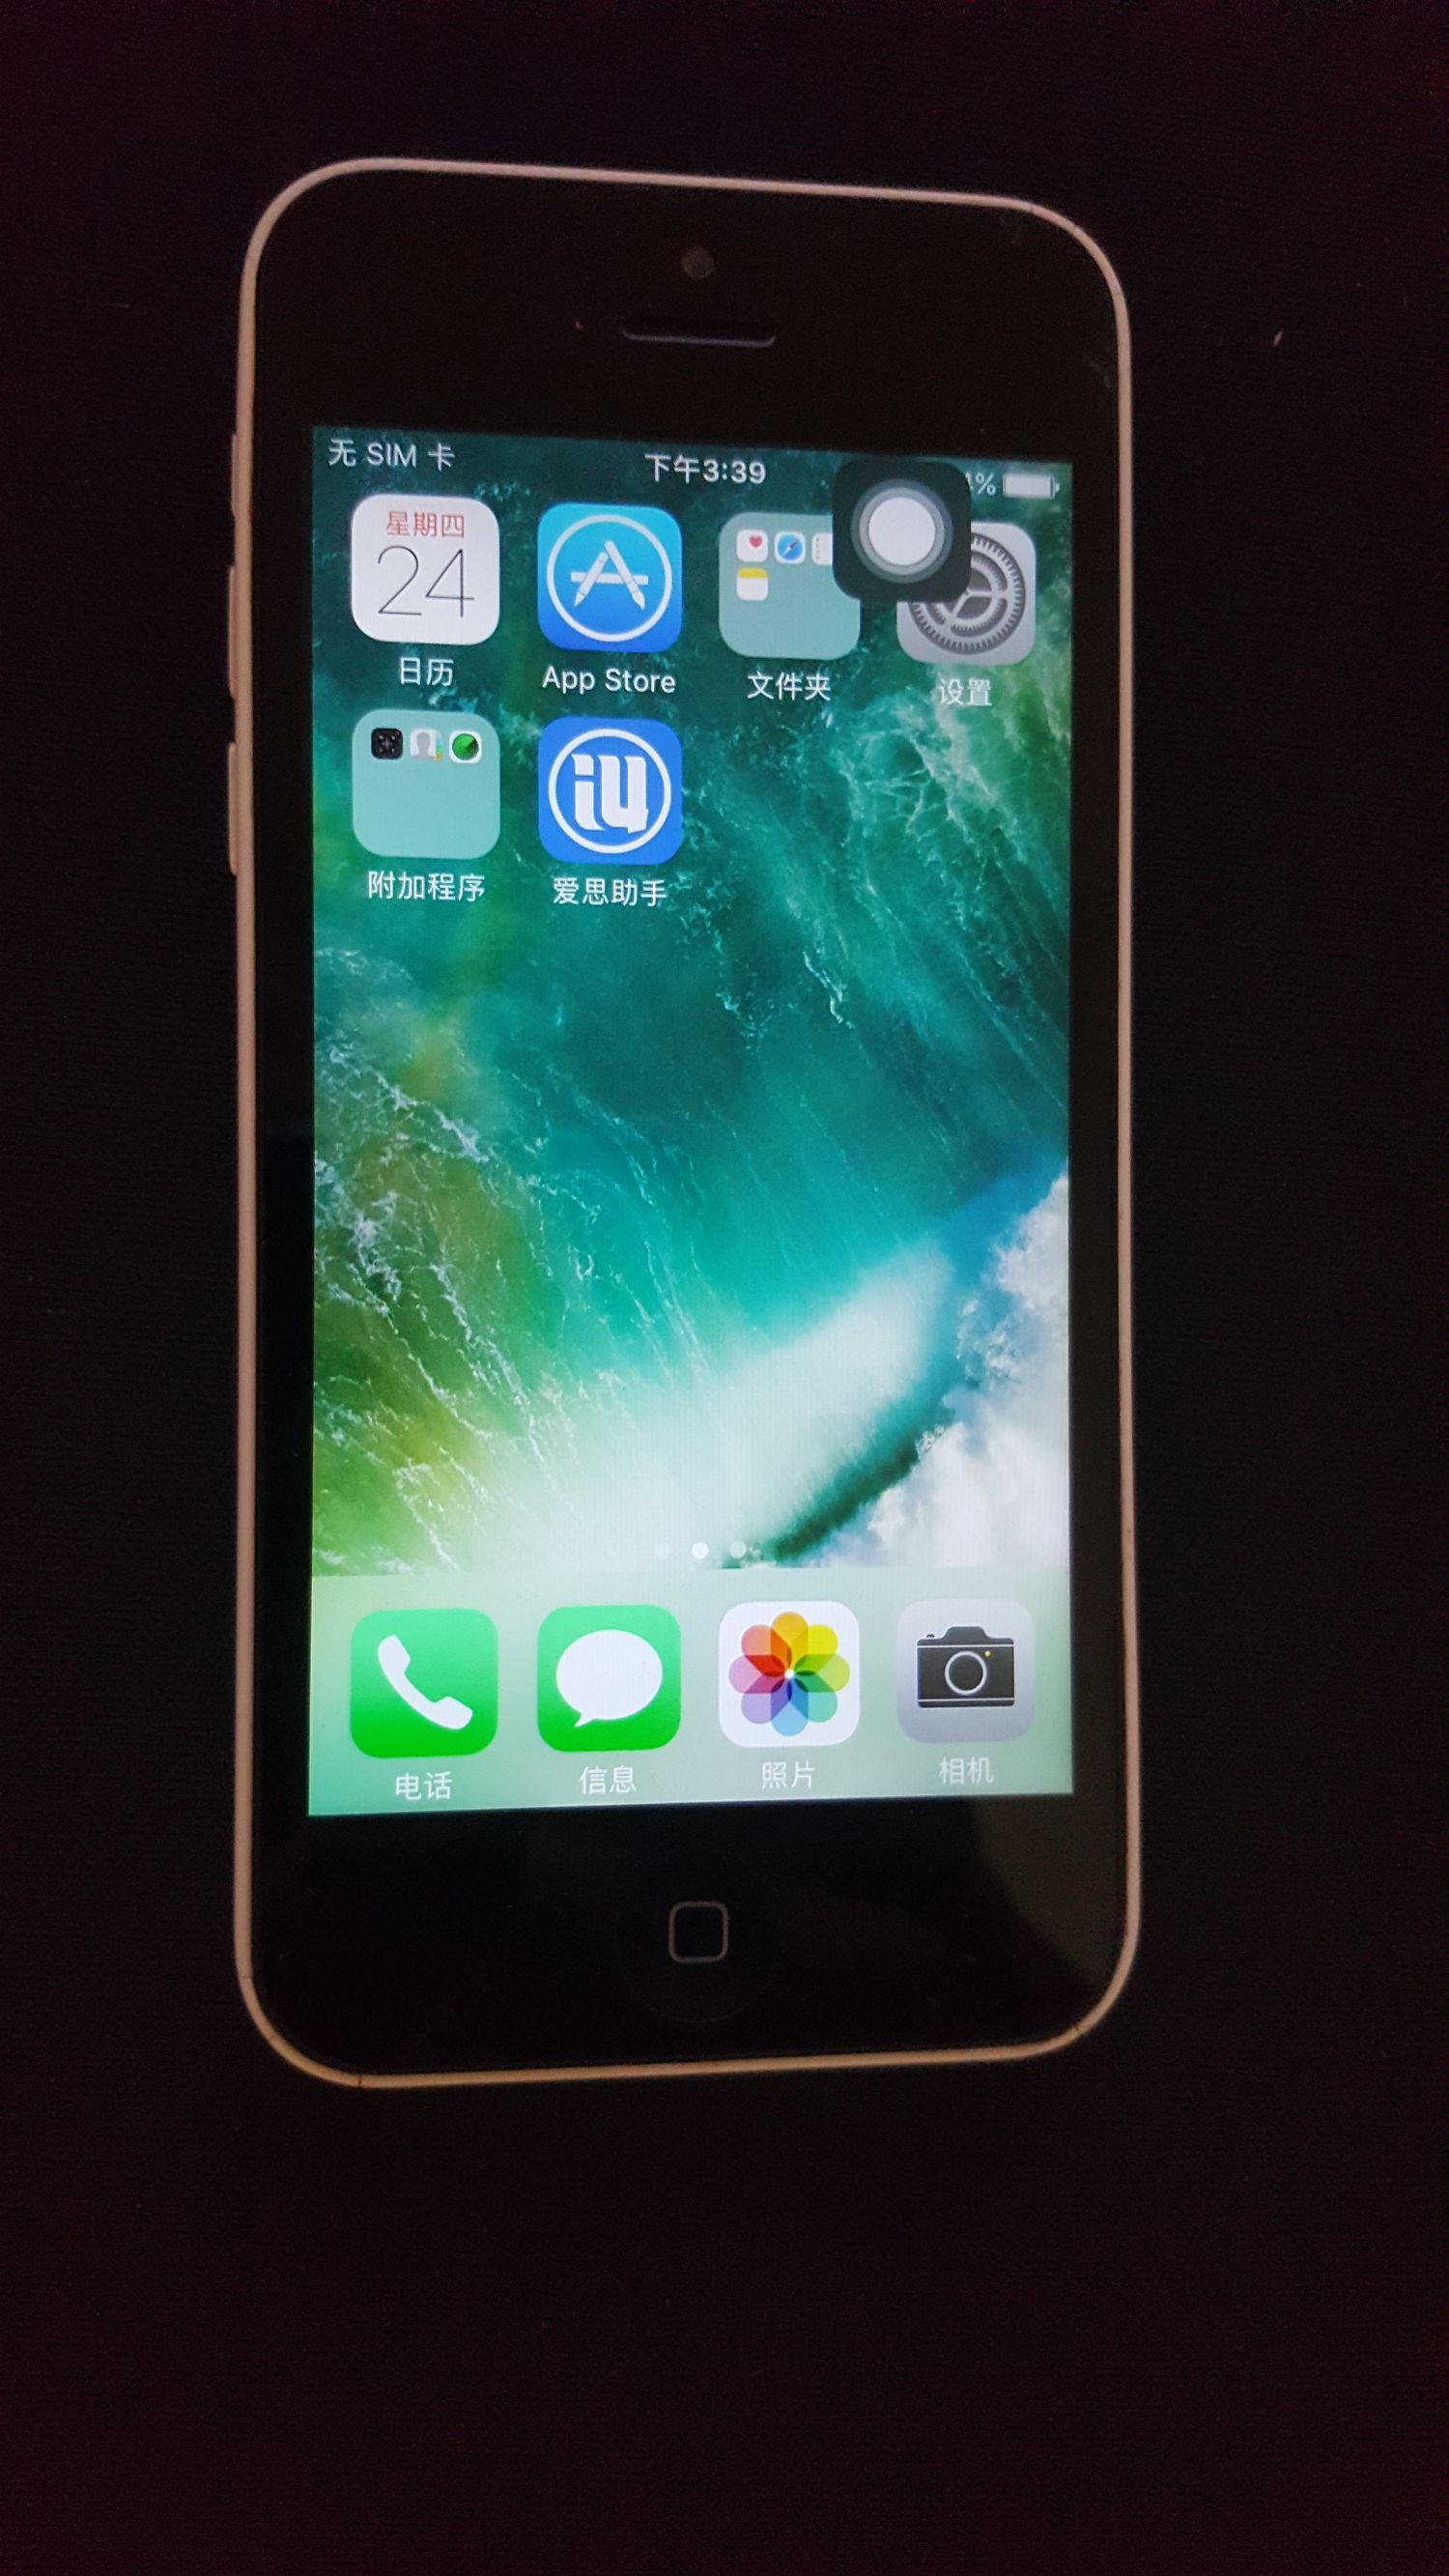 苹果5s和苹果5c,你更倾心哪一个?